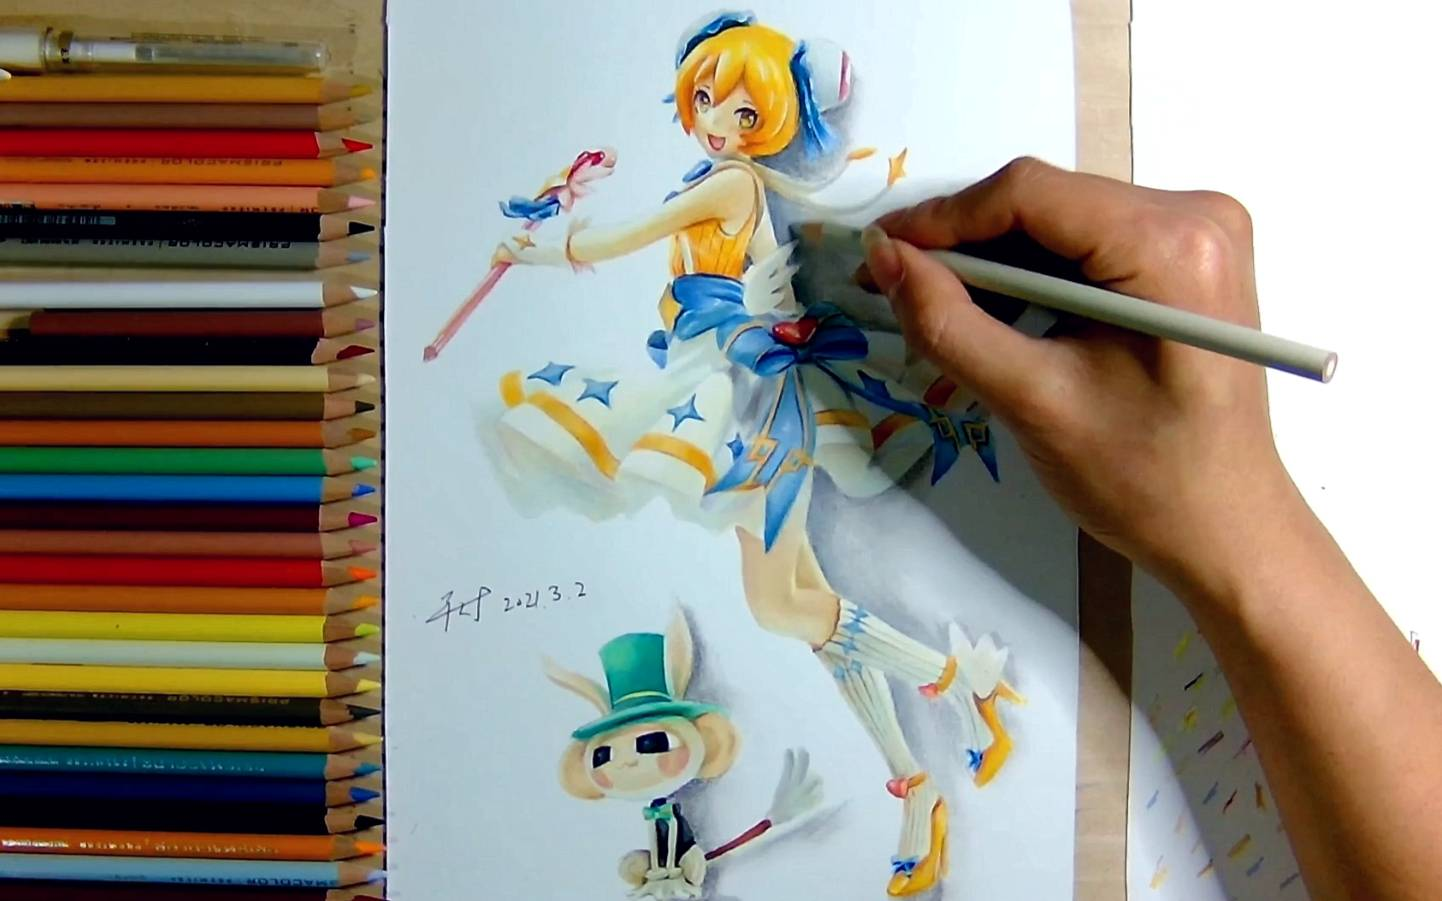 彩铅手绘:如何在纸上做一个ac娘手办。